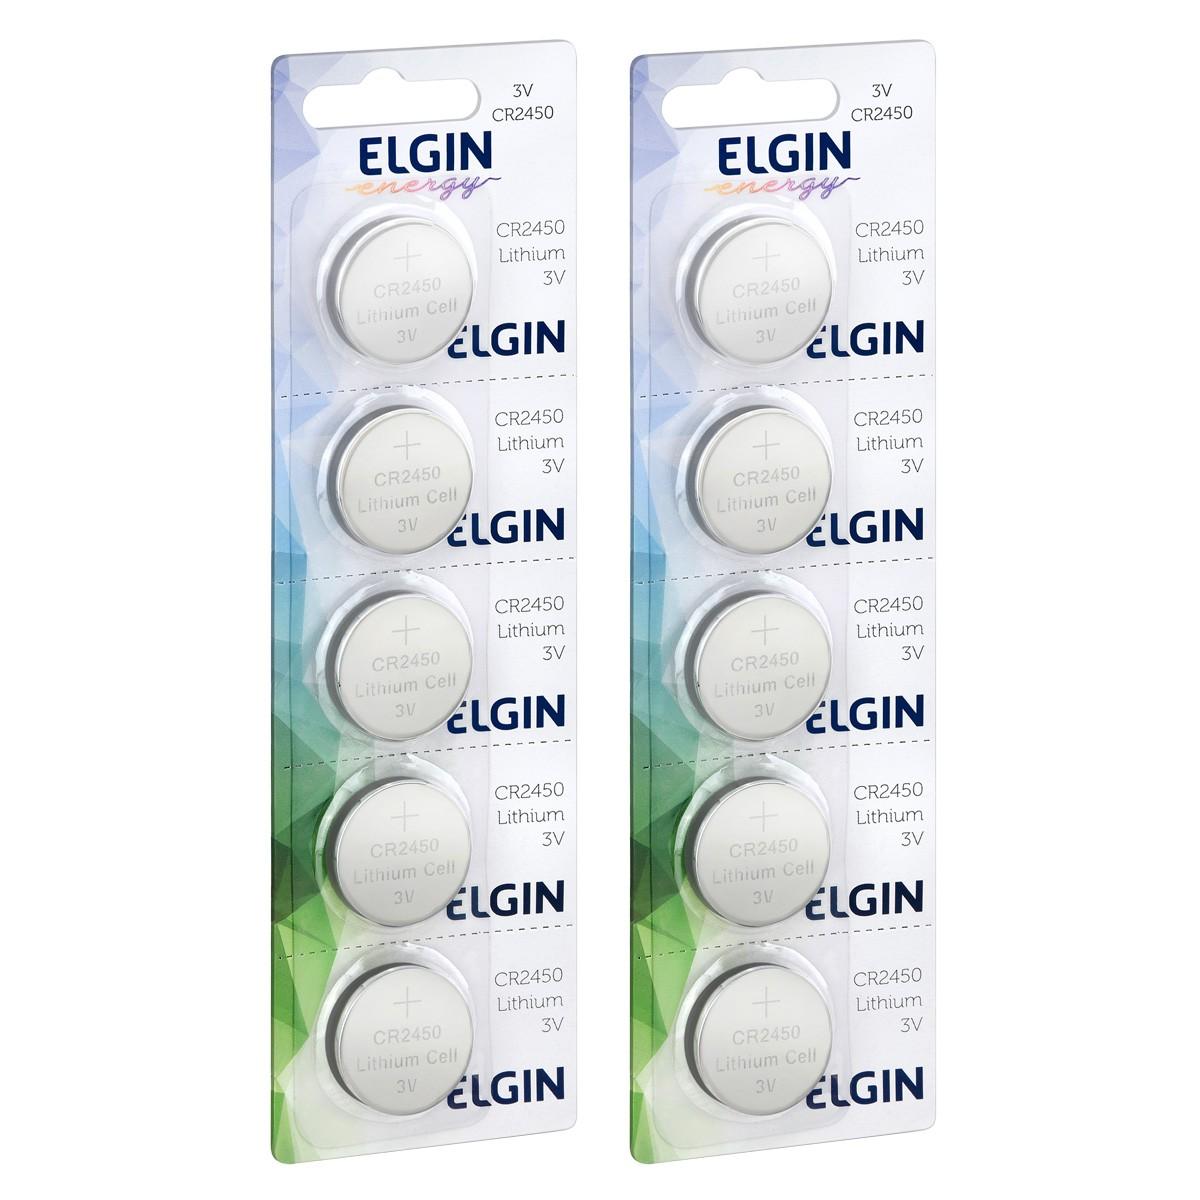 10 Baterias Pilhas Lithium 3V Elgin CR2450 2 cartela